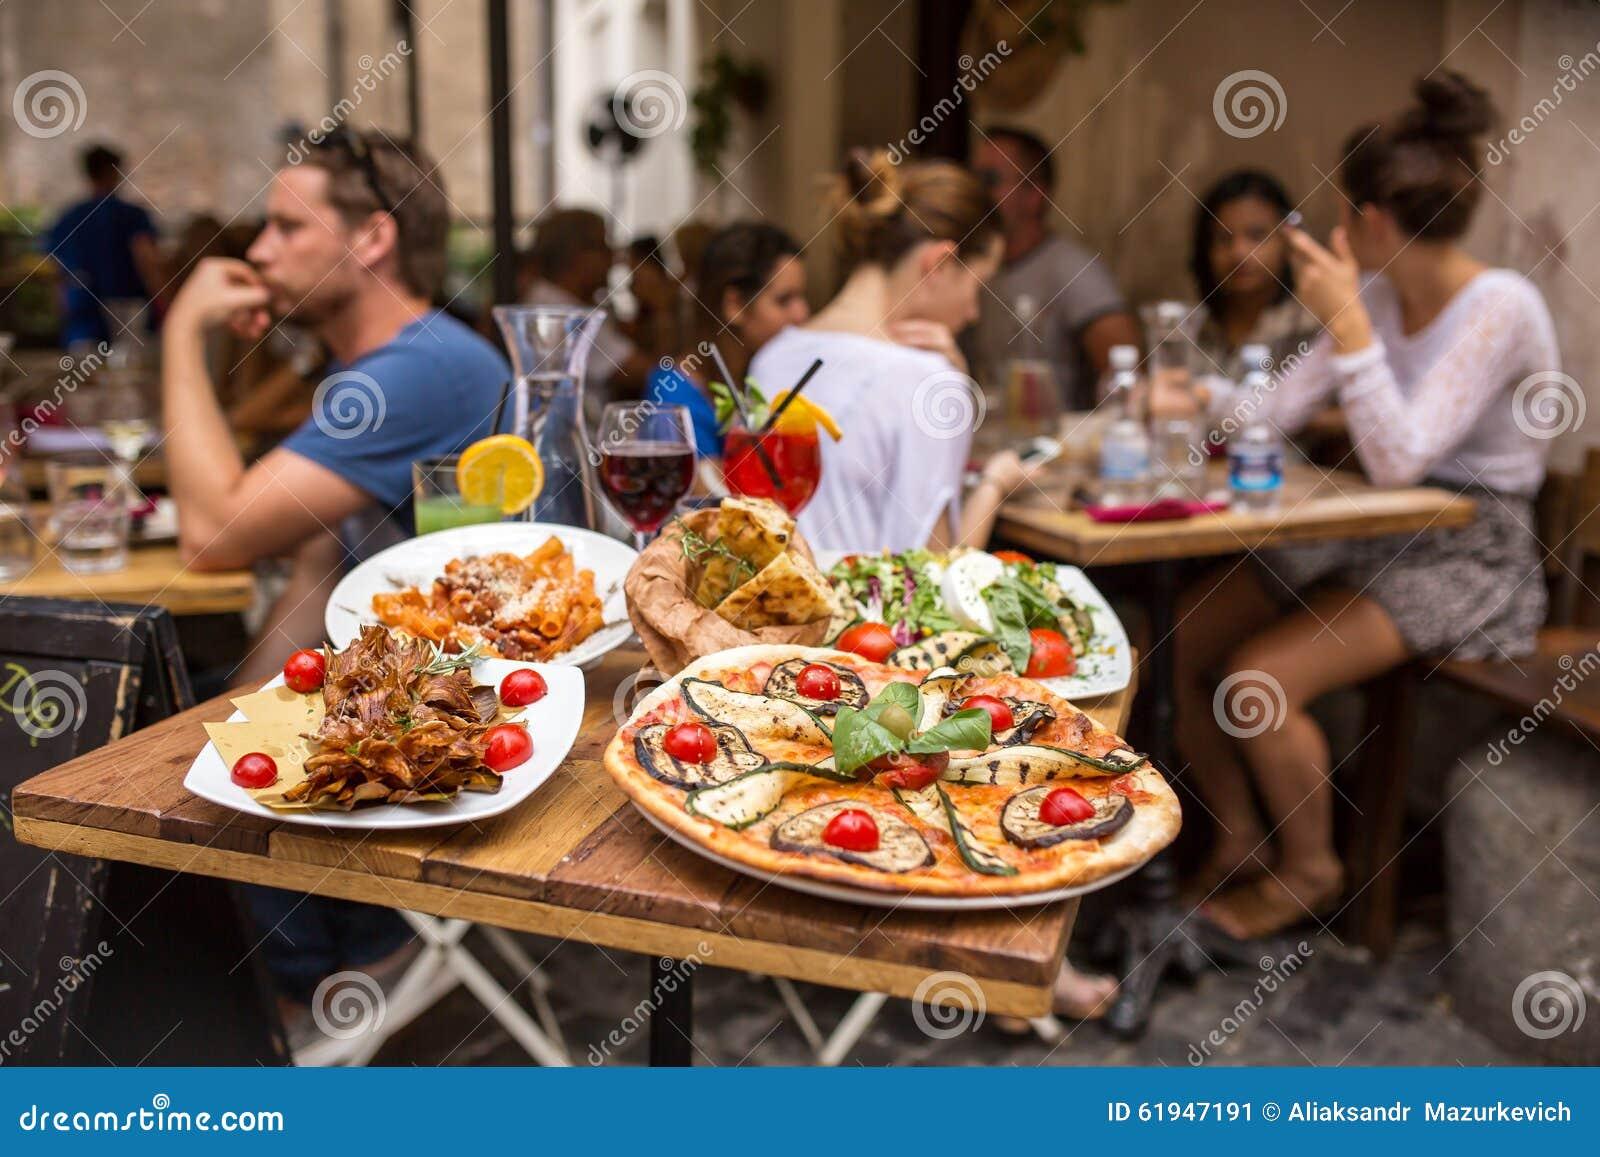 Povos não identificados que comem o alimento italiano tradicional no restaurante exterior